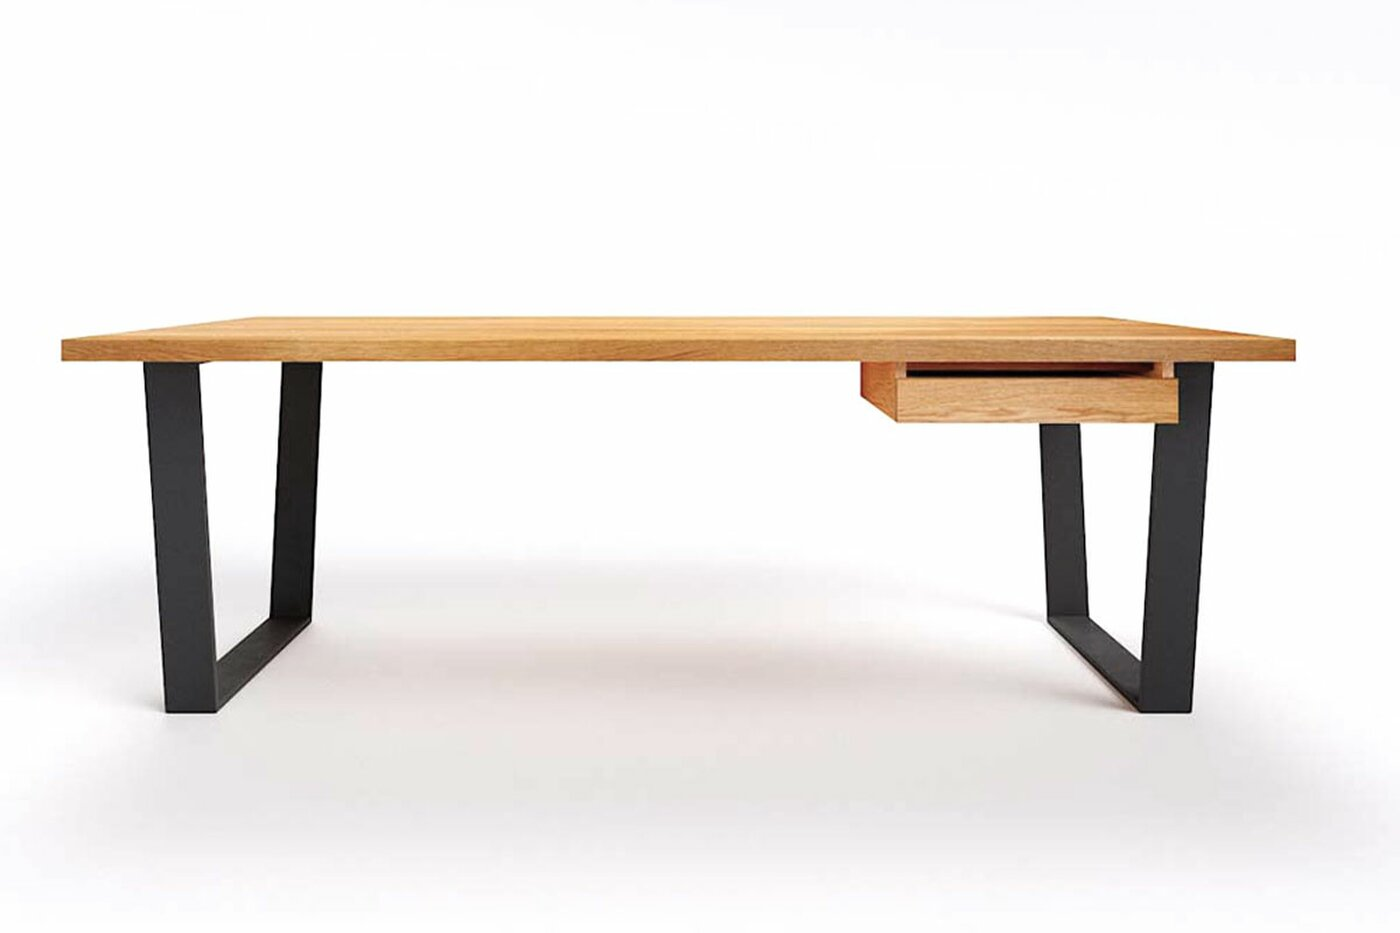 Moderner Echtholz-Schreibtisch im Minimal Design